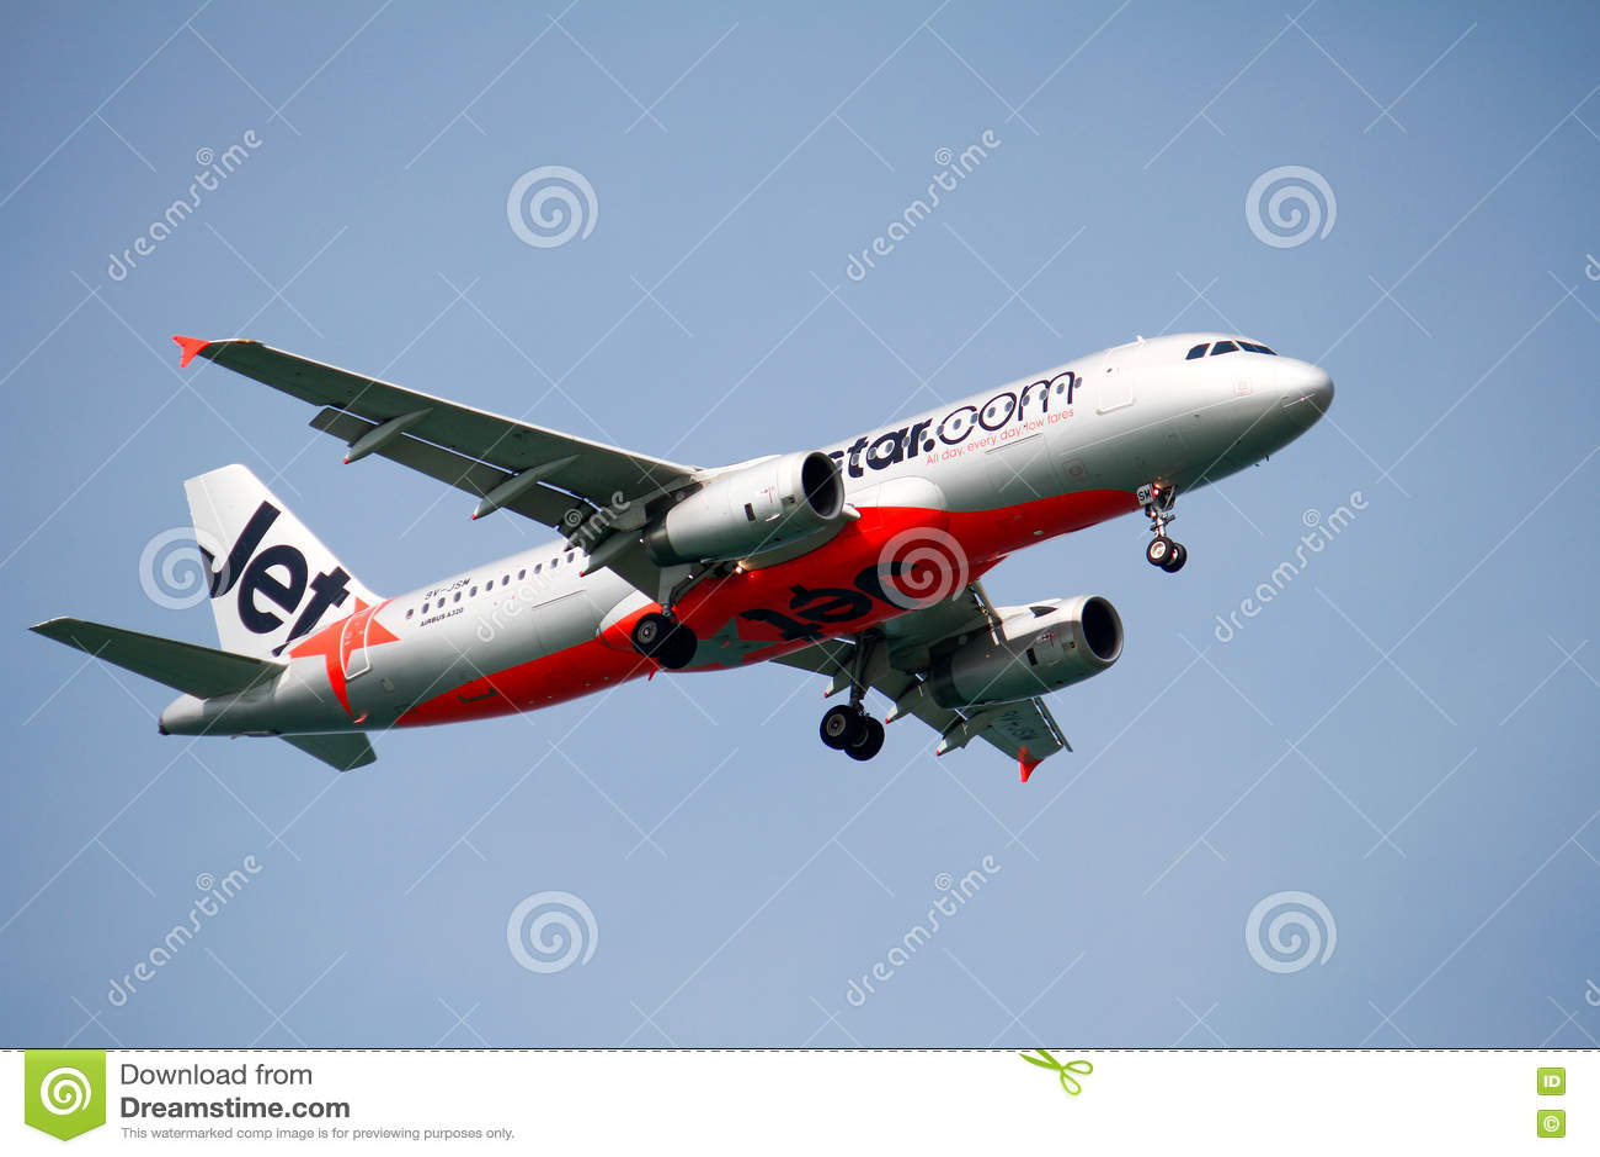 Airbus A320 Landing